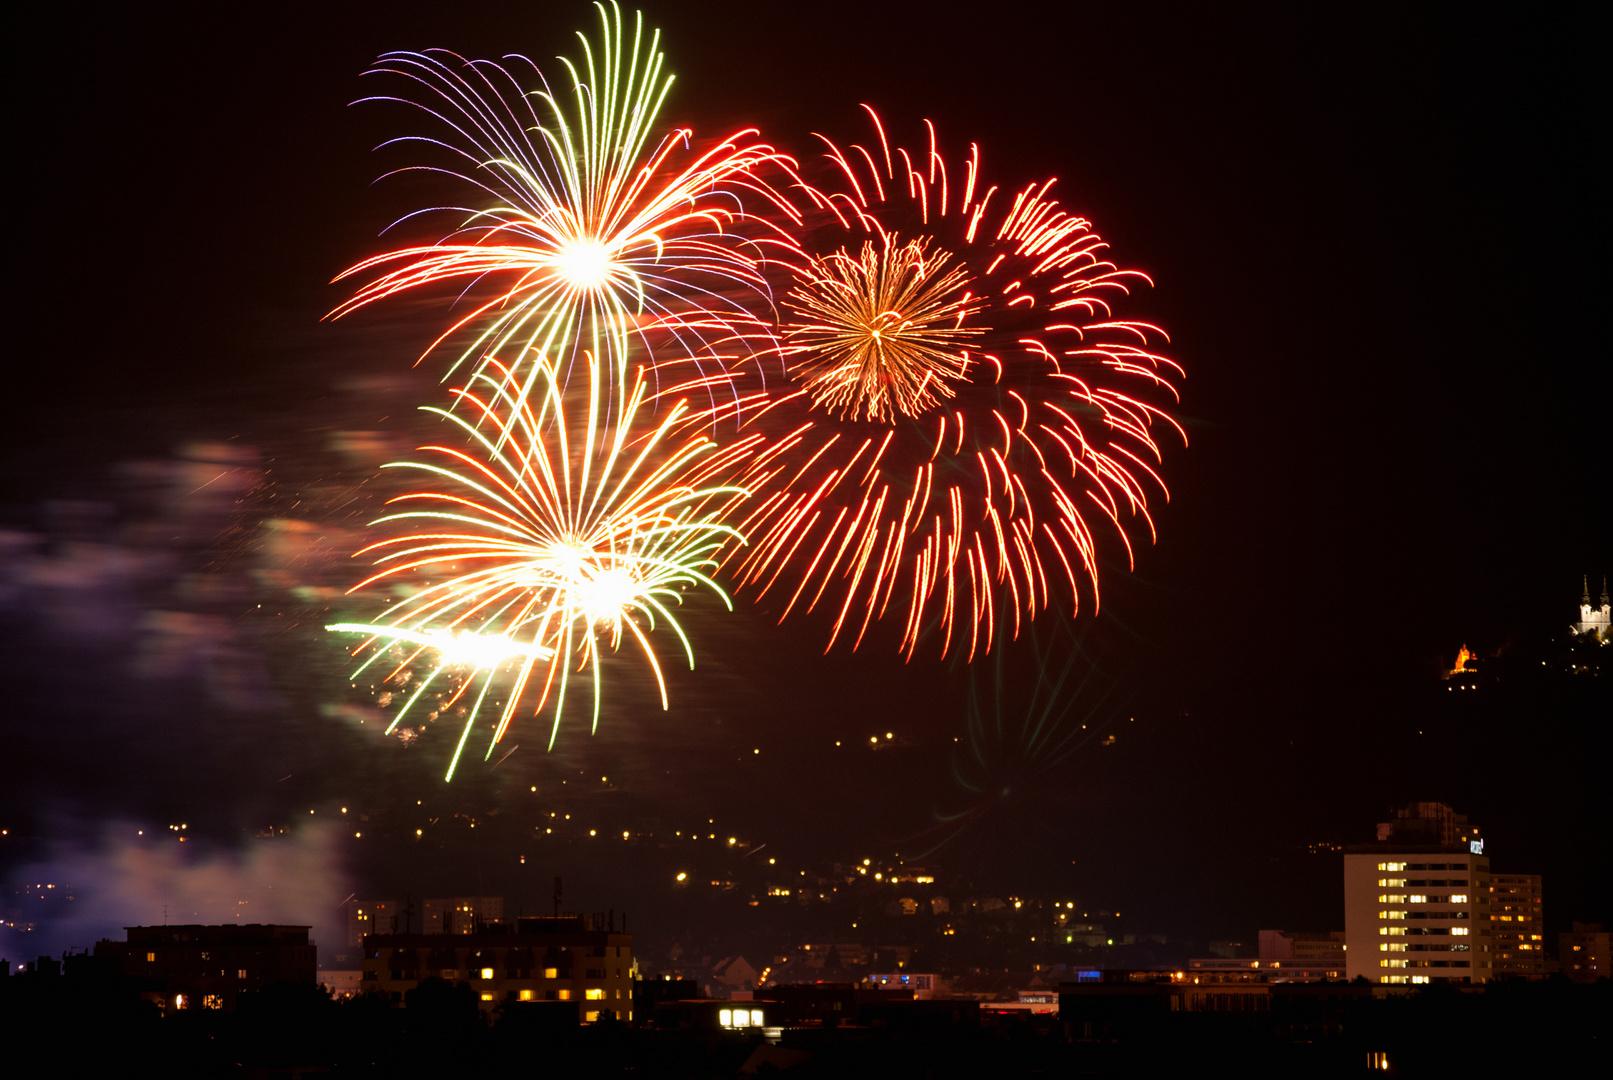 Feuerwerk Urfahraner Markt 2013